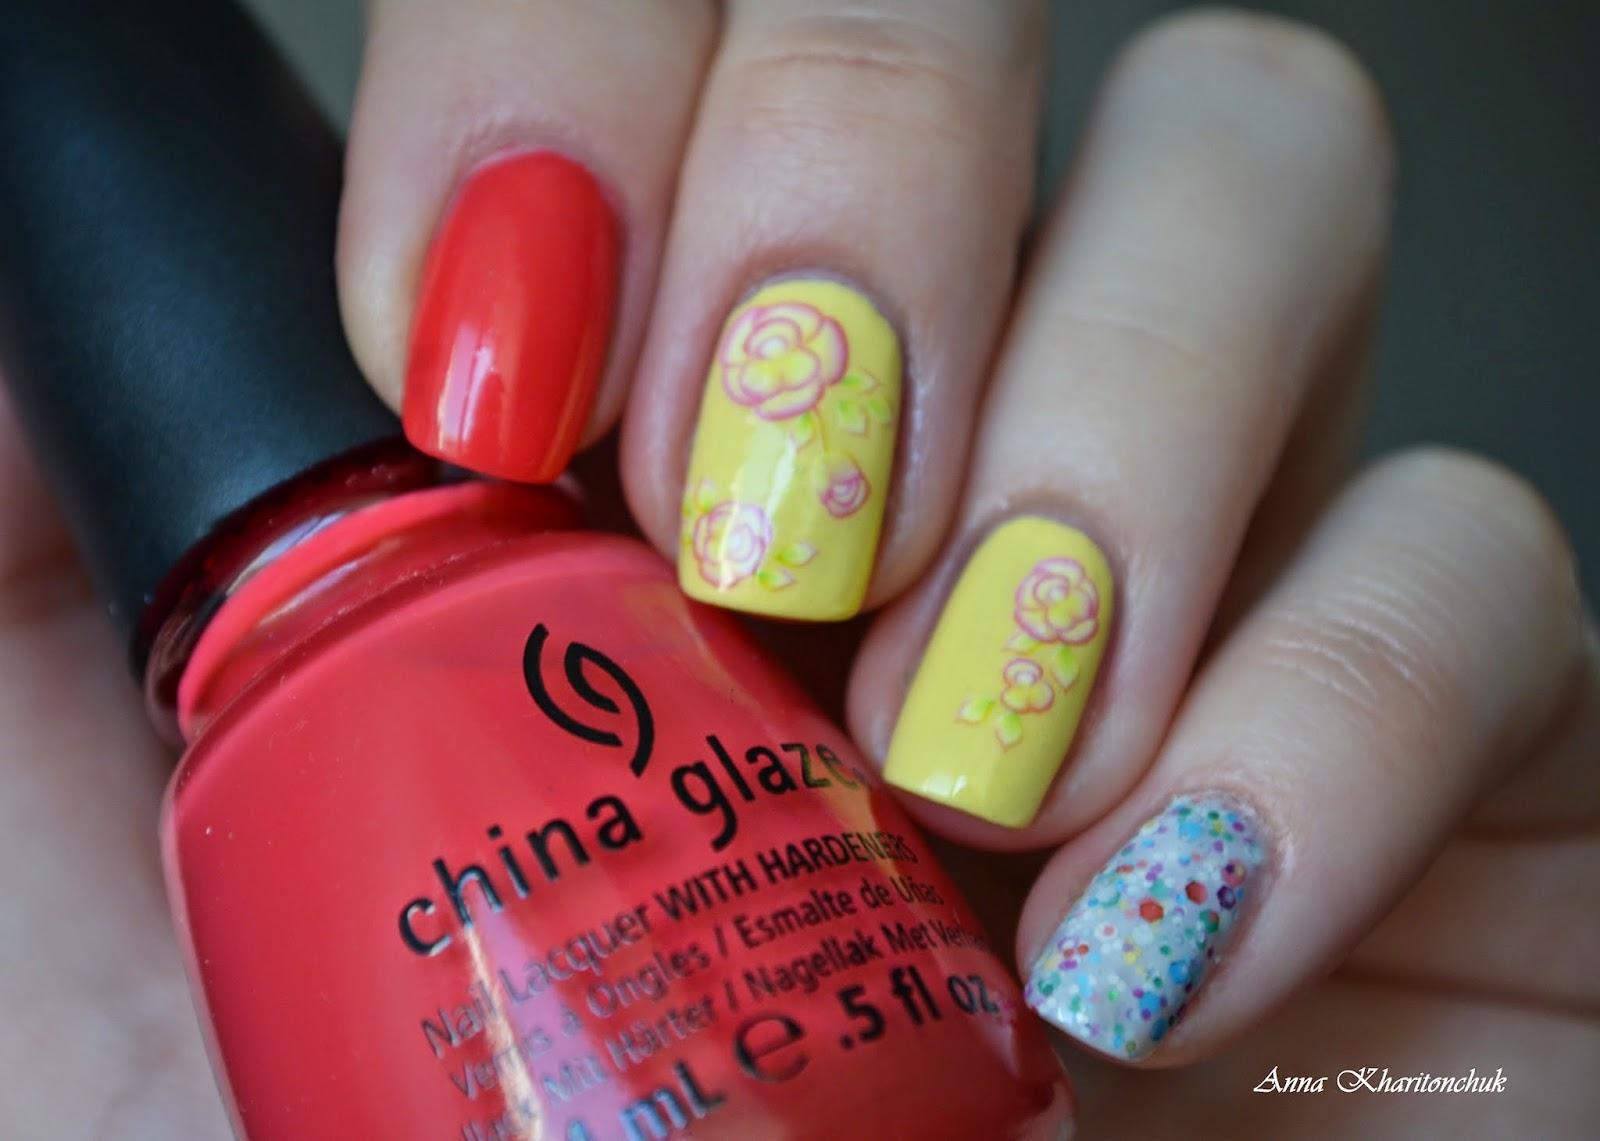 """Конкурсный маникюр, """"Пасхальный звон"""", China Glaze, слайдер-дизайн"""